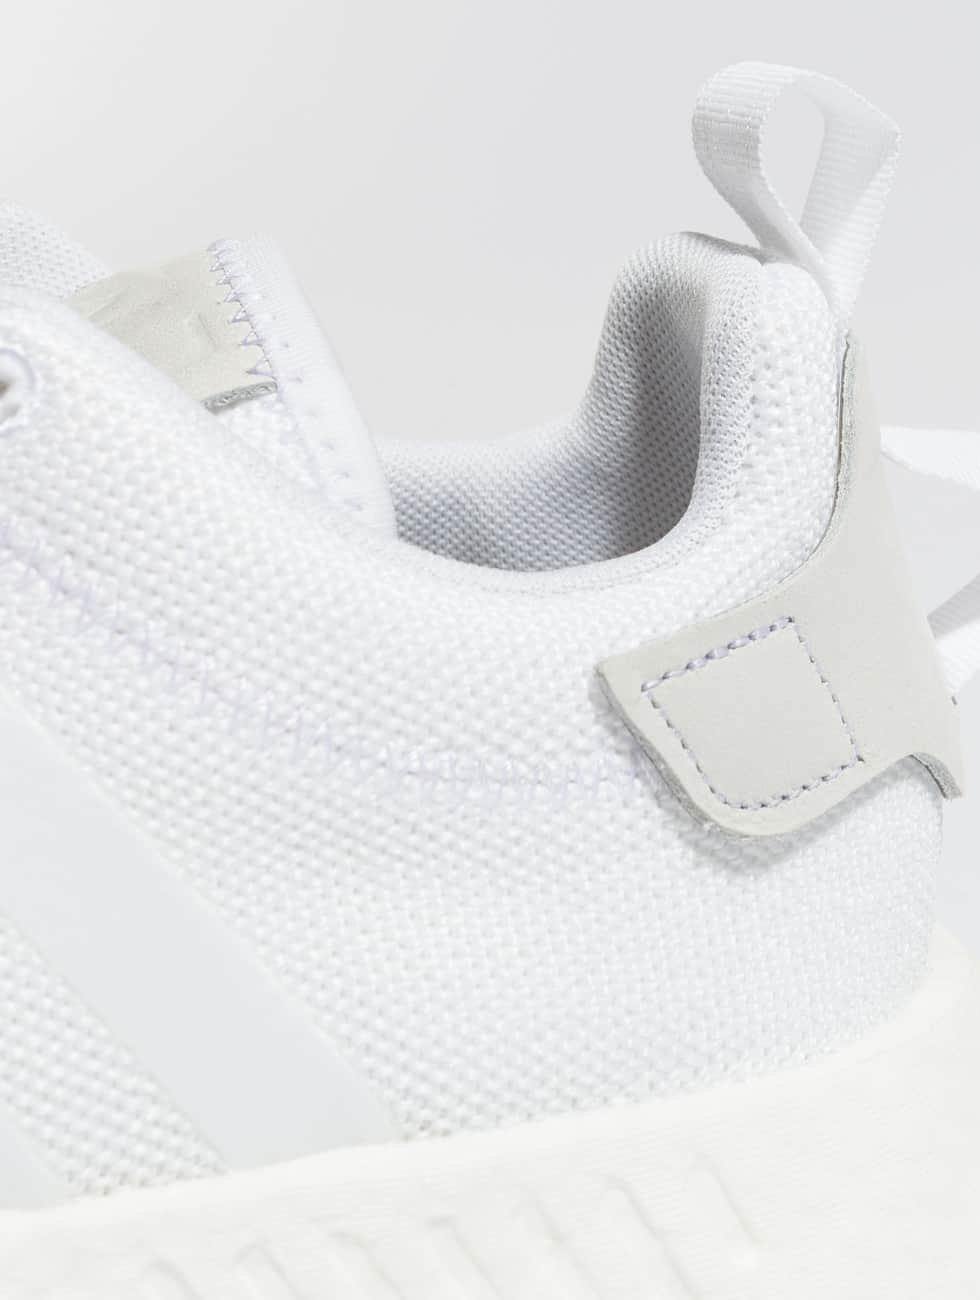 Adidas Originals Sko / Sneaker Nmd_r2 Hvit 396374 Billig Salg Limited Edition Nye Stiler Billig Online CFlRZ